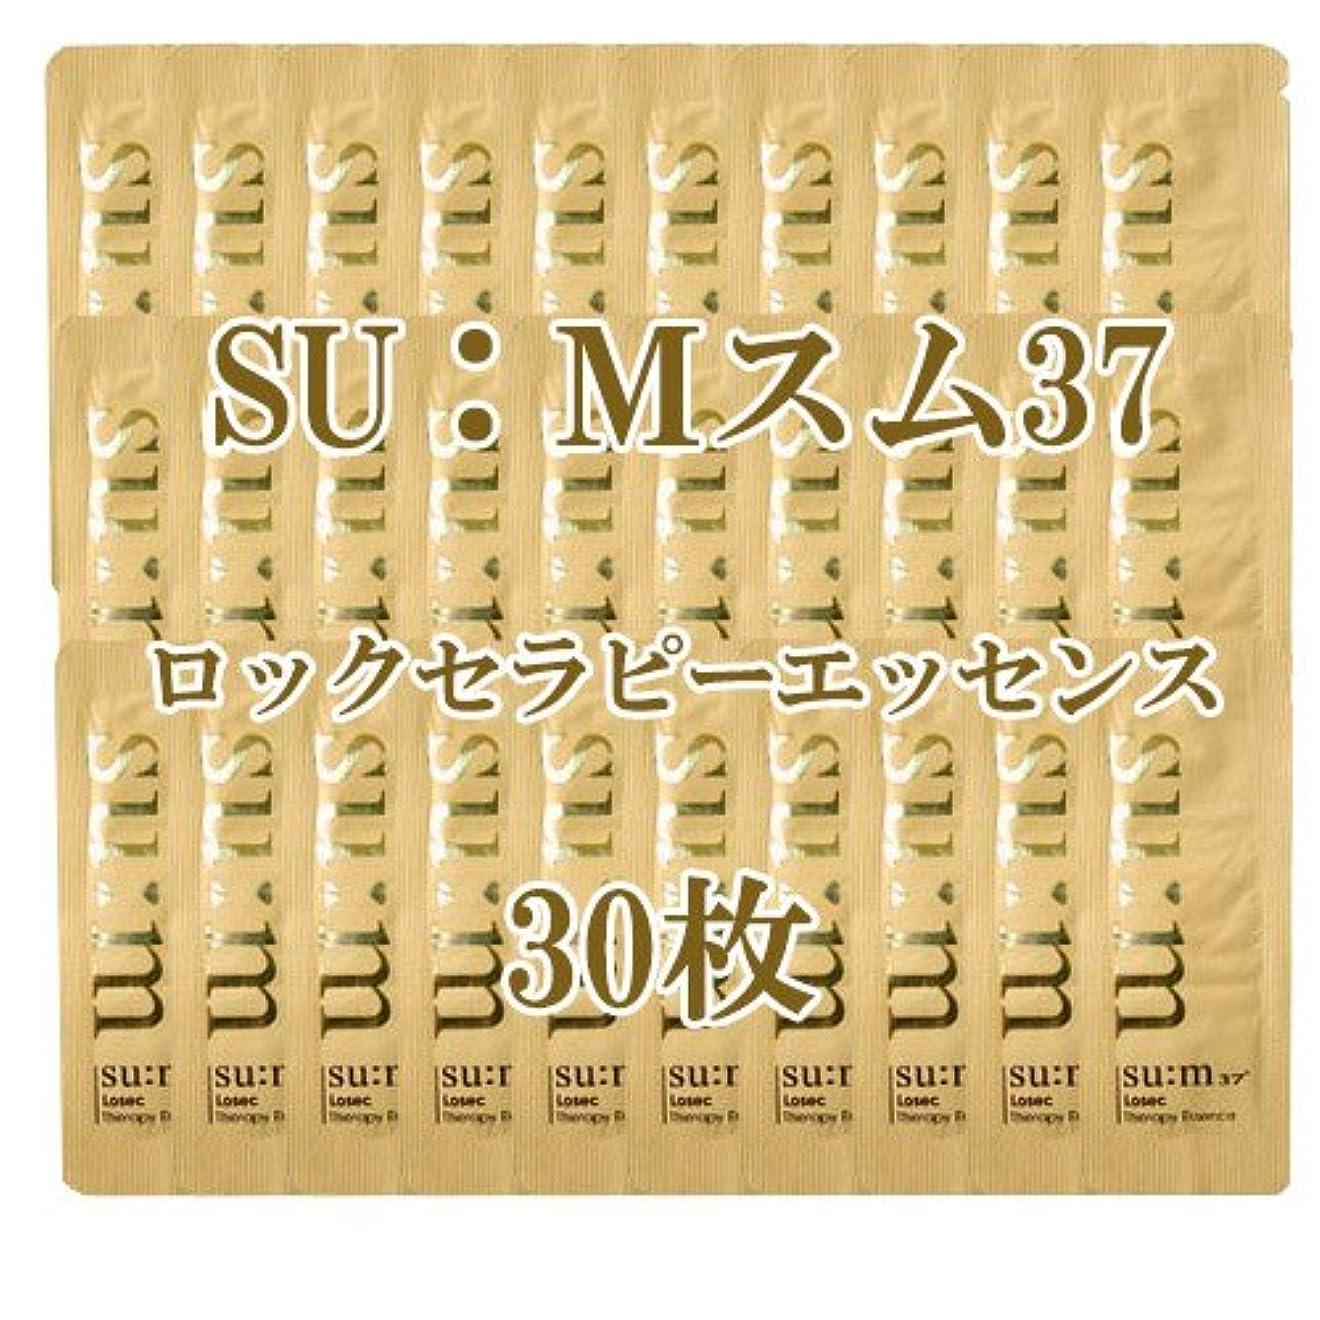 匿名エアコン有益スム37 スム37 SUM37ロシクセラピーエッセンス